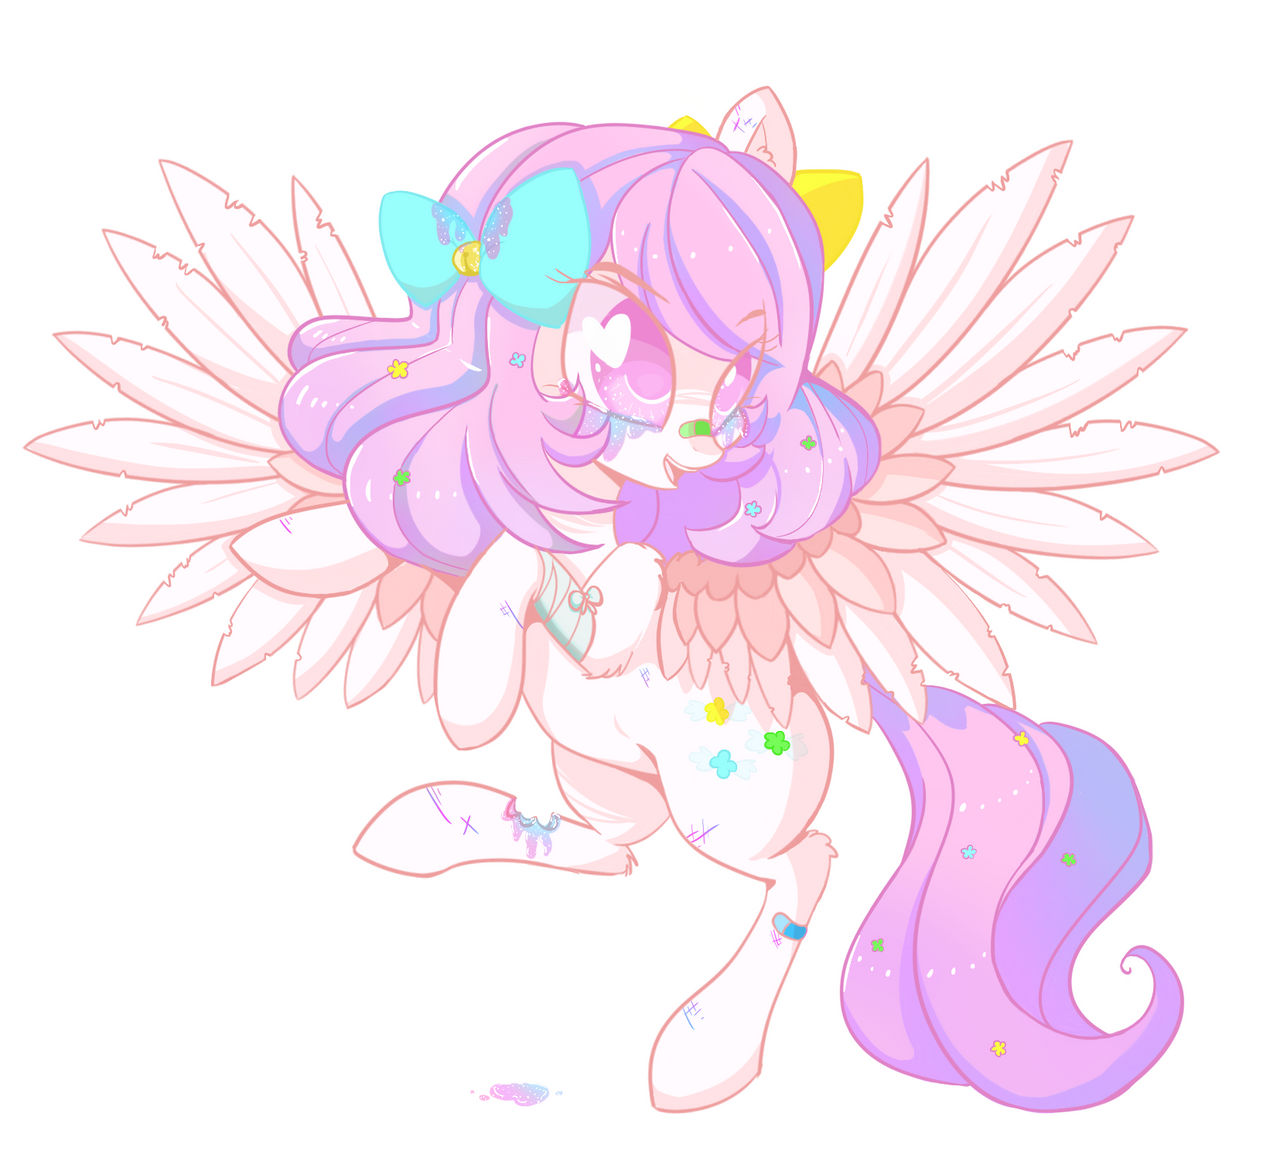 Tasty Gummy Pony by Miniaru